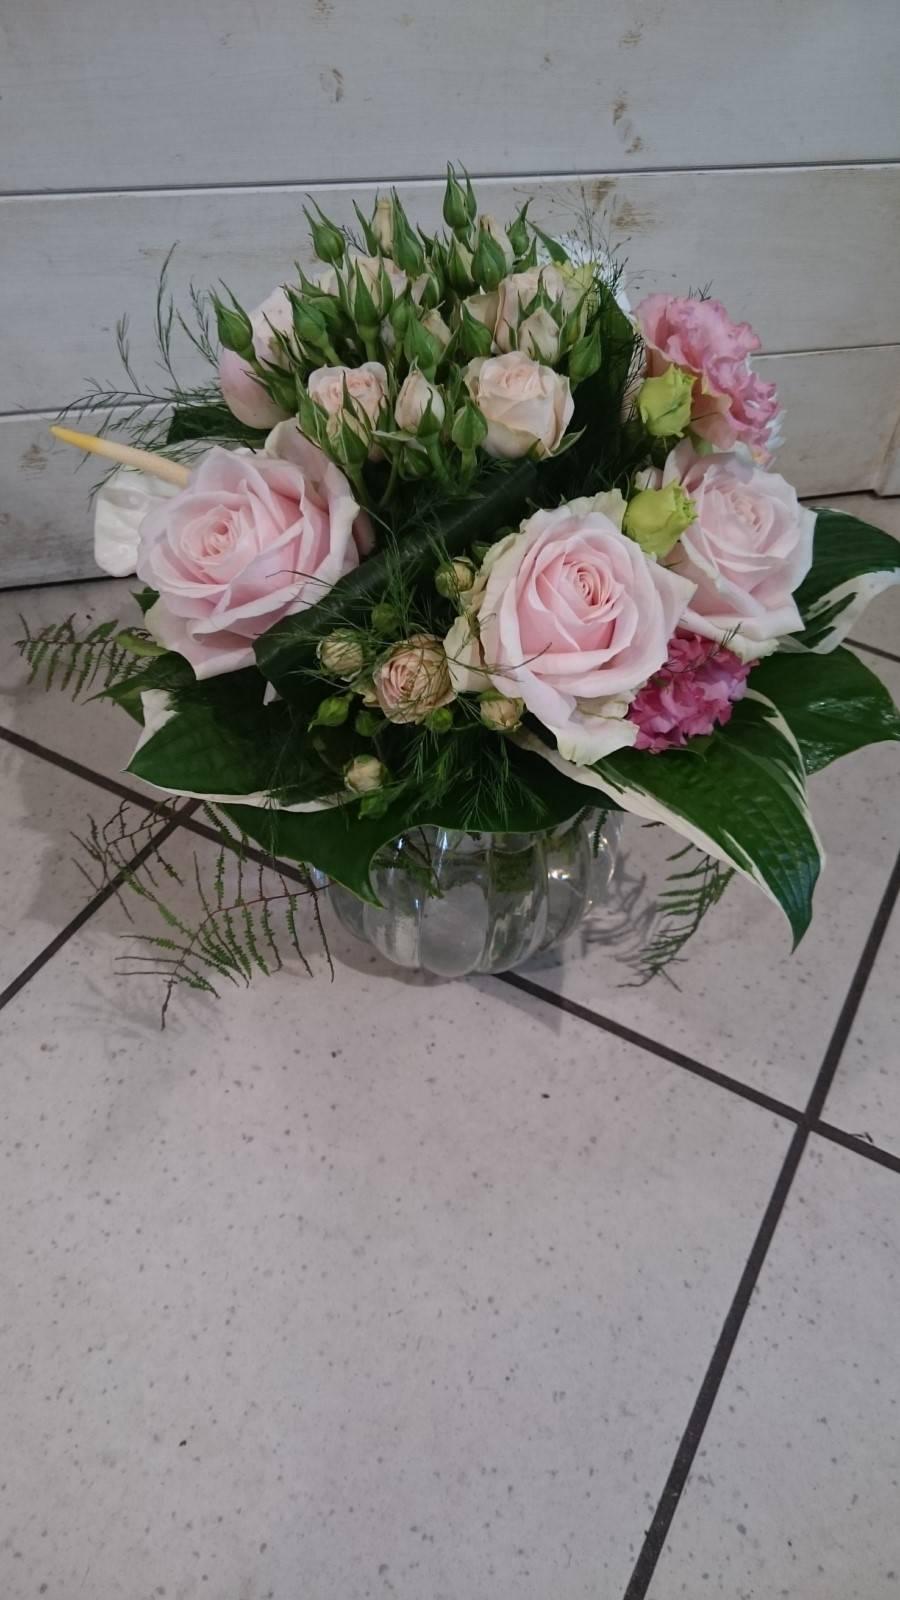 Livraison de fleurs pour la saint valentin grenoble et sa for Livraison de fleurs